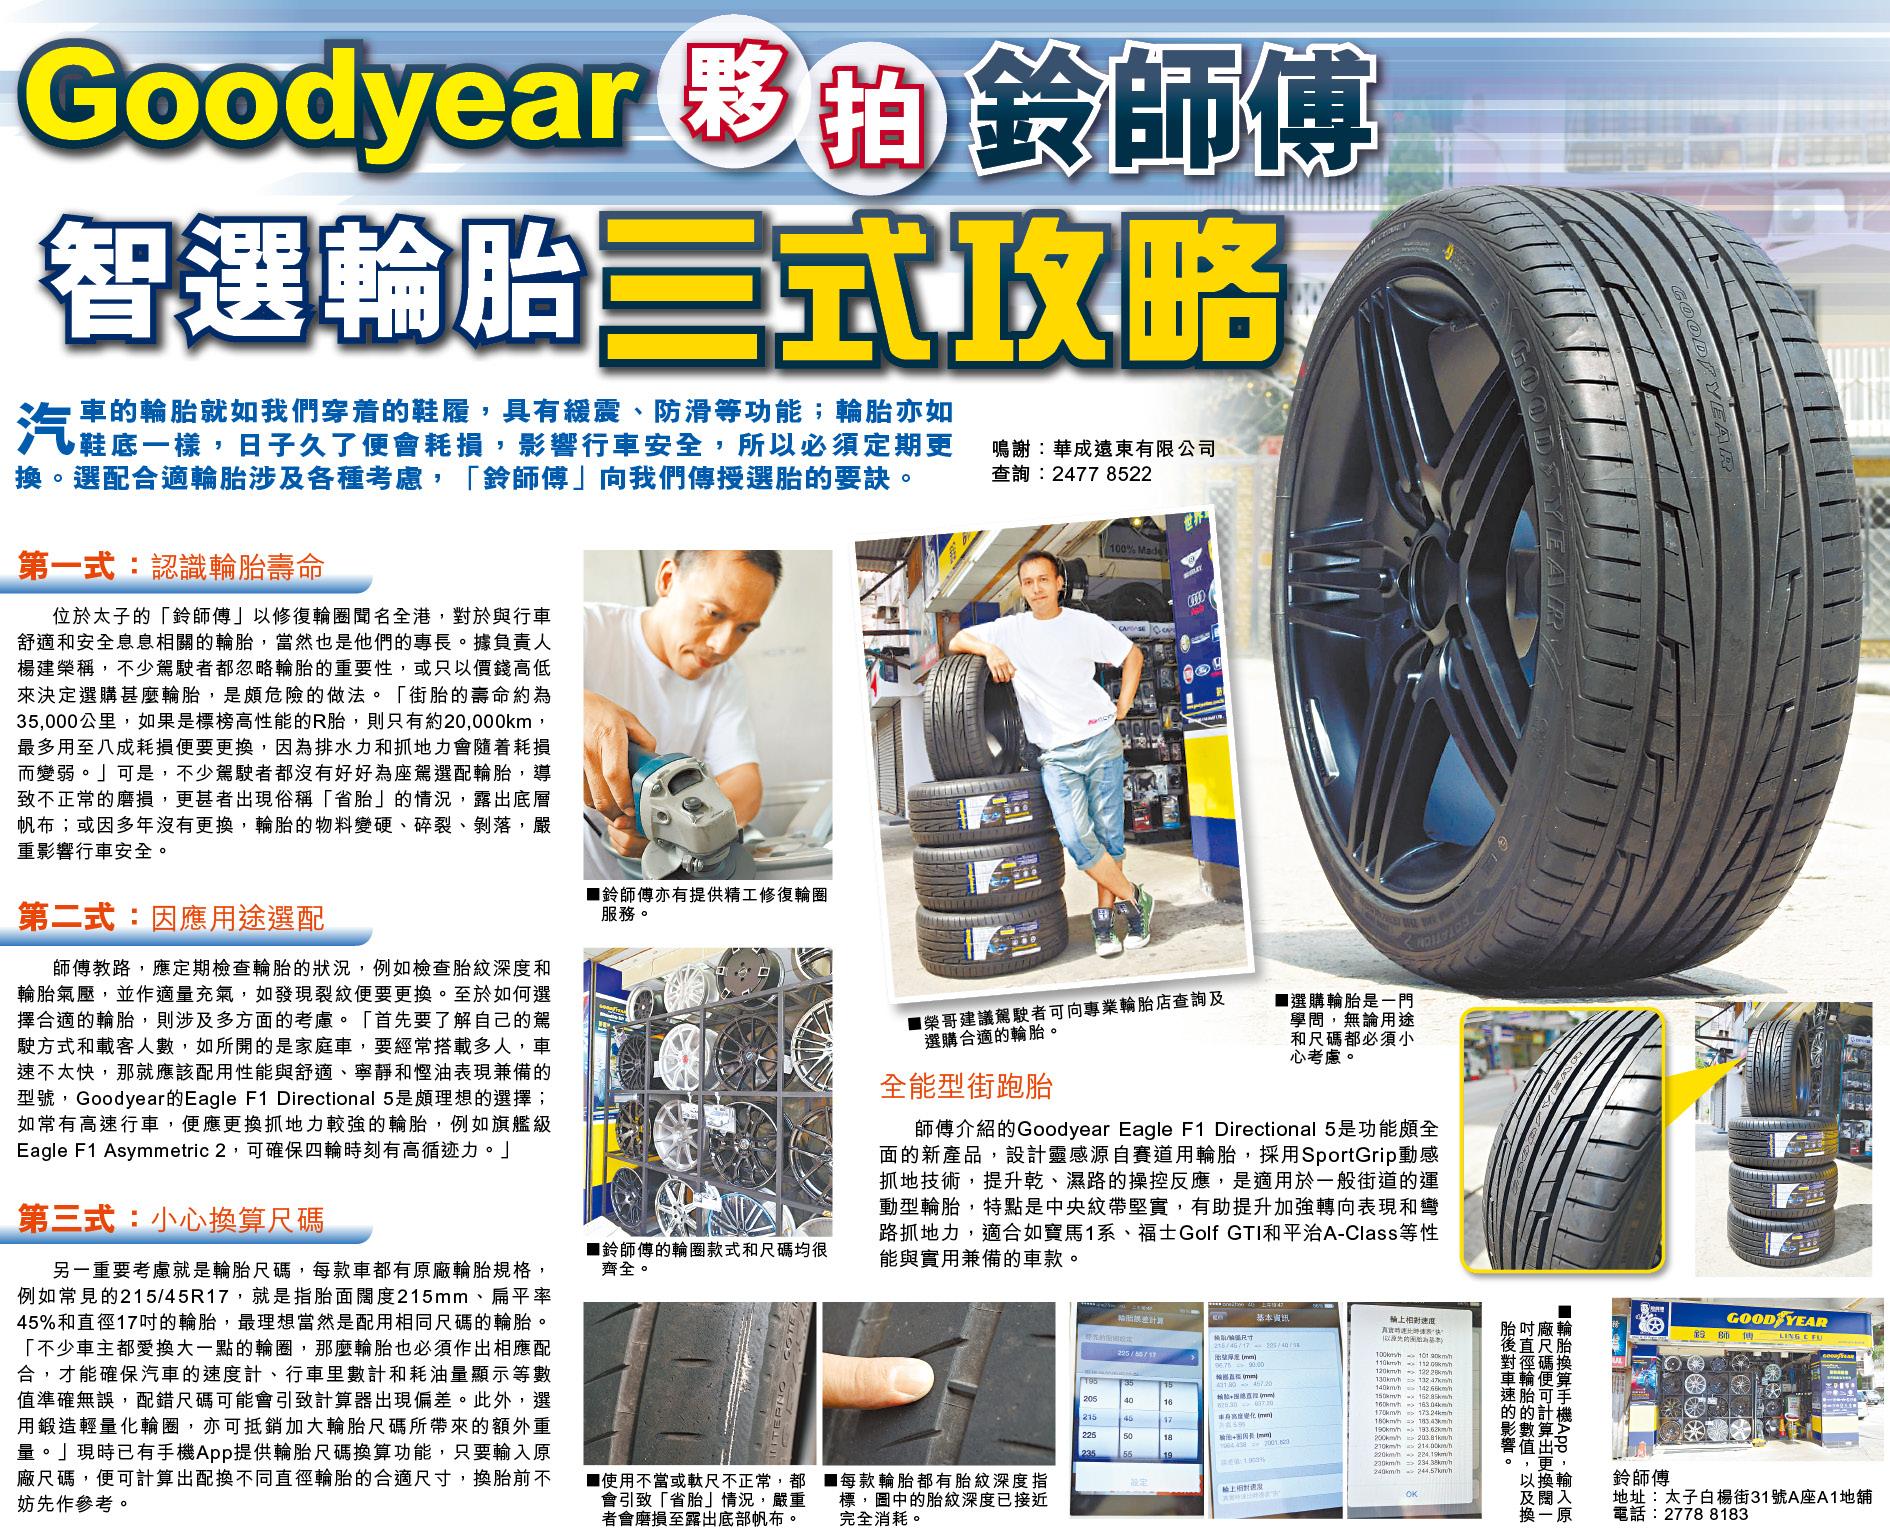 蘋果日報 2013年10月18日 - Goodyear夥拍鈴師傅 智選輪胎三式攻略